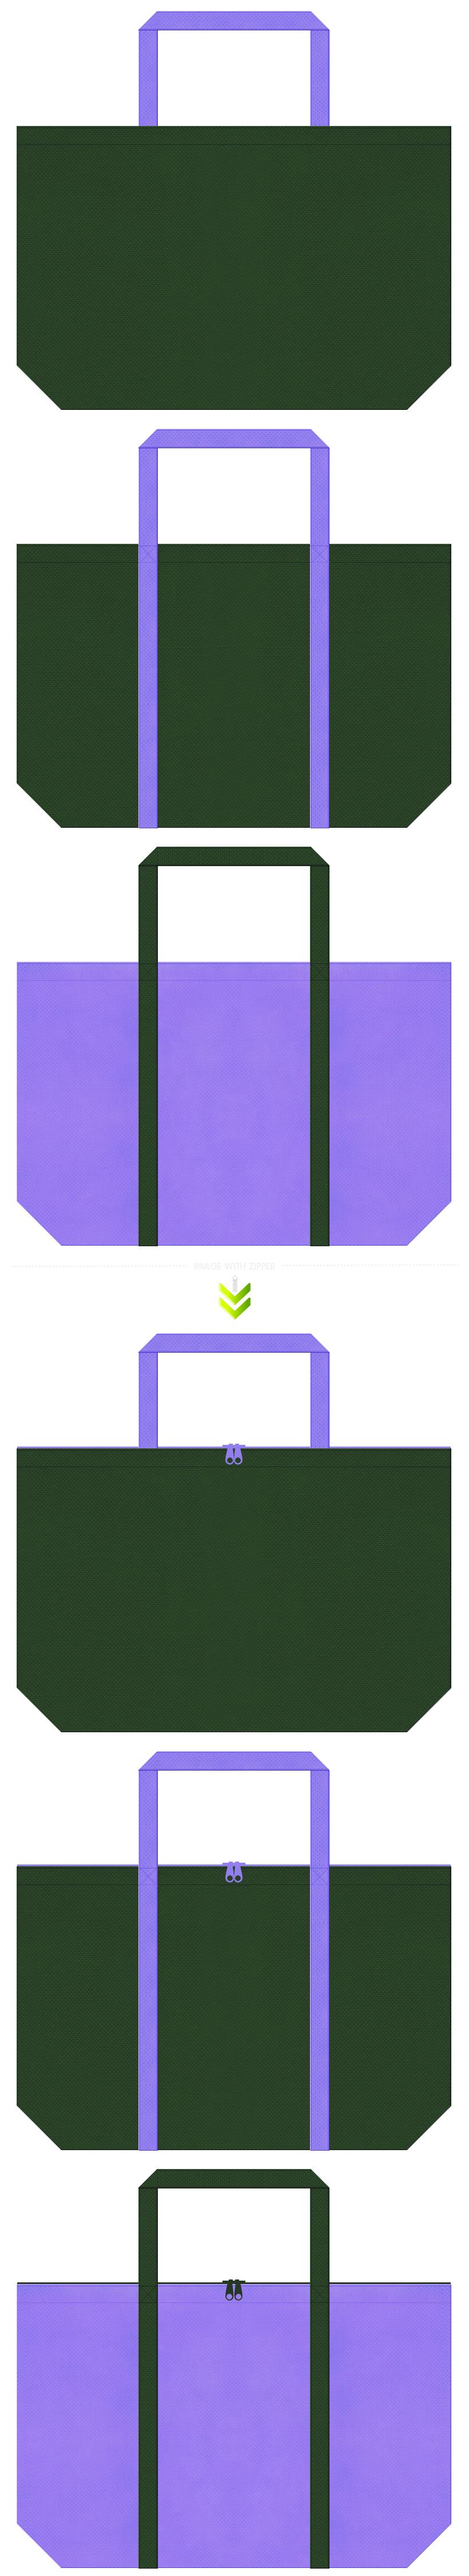 濃緑色と薄紫色の不織布エコバッグのデザイン。